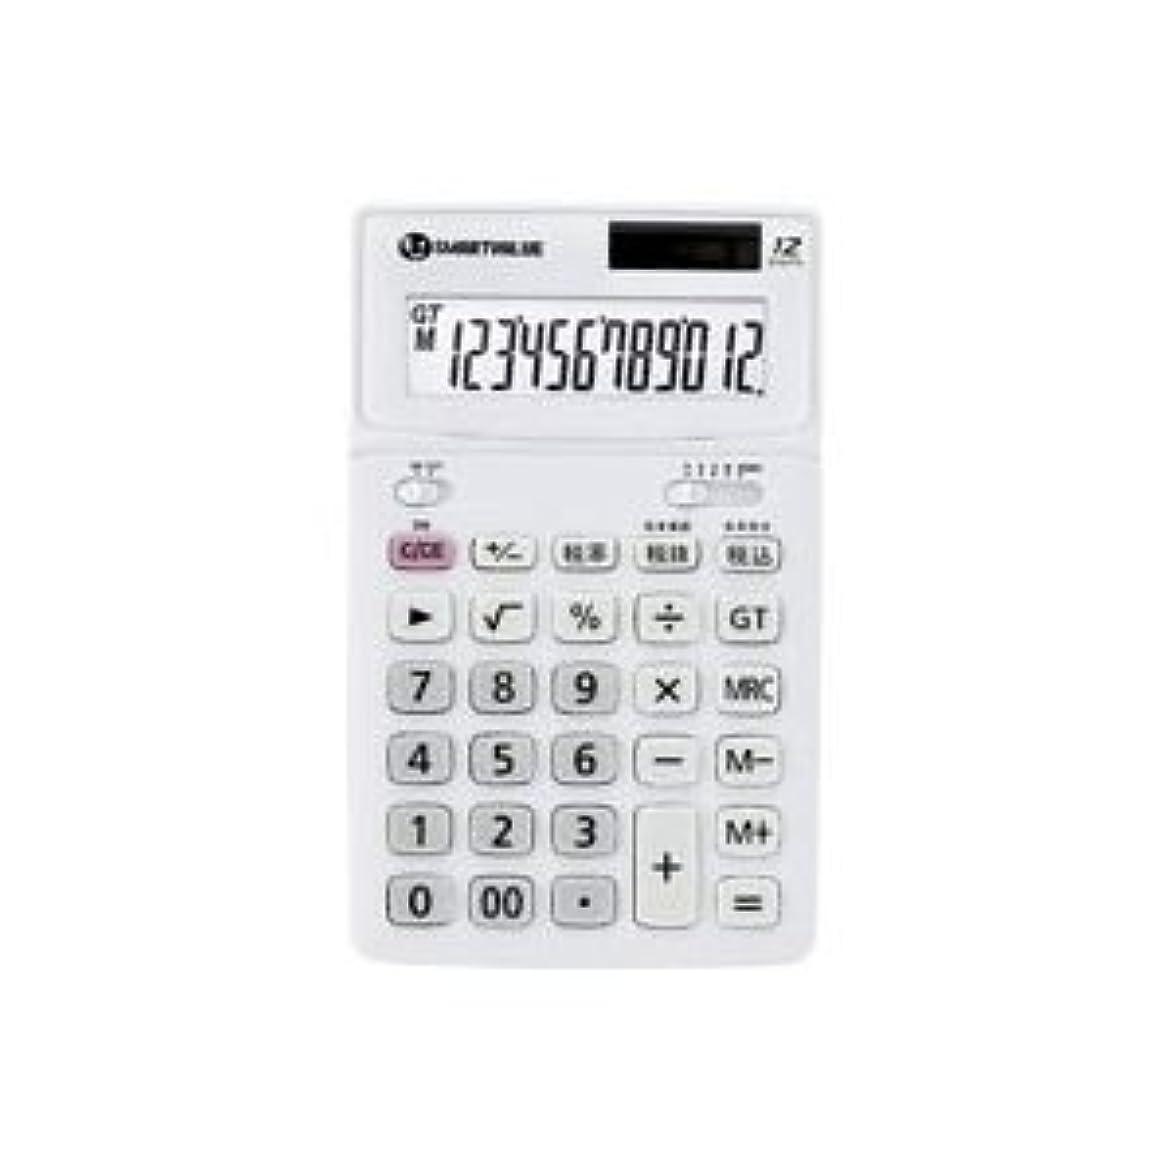 大声で聖なる申請者(業務用4セット)ジョインテックス 中型電卓 ホワイト K071J 生活用品 インテリア 雑貨 文具 オフィス用品 電卓 14067381 [並行輸入品]